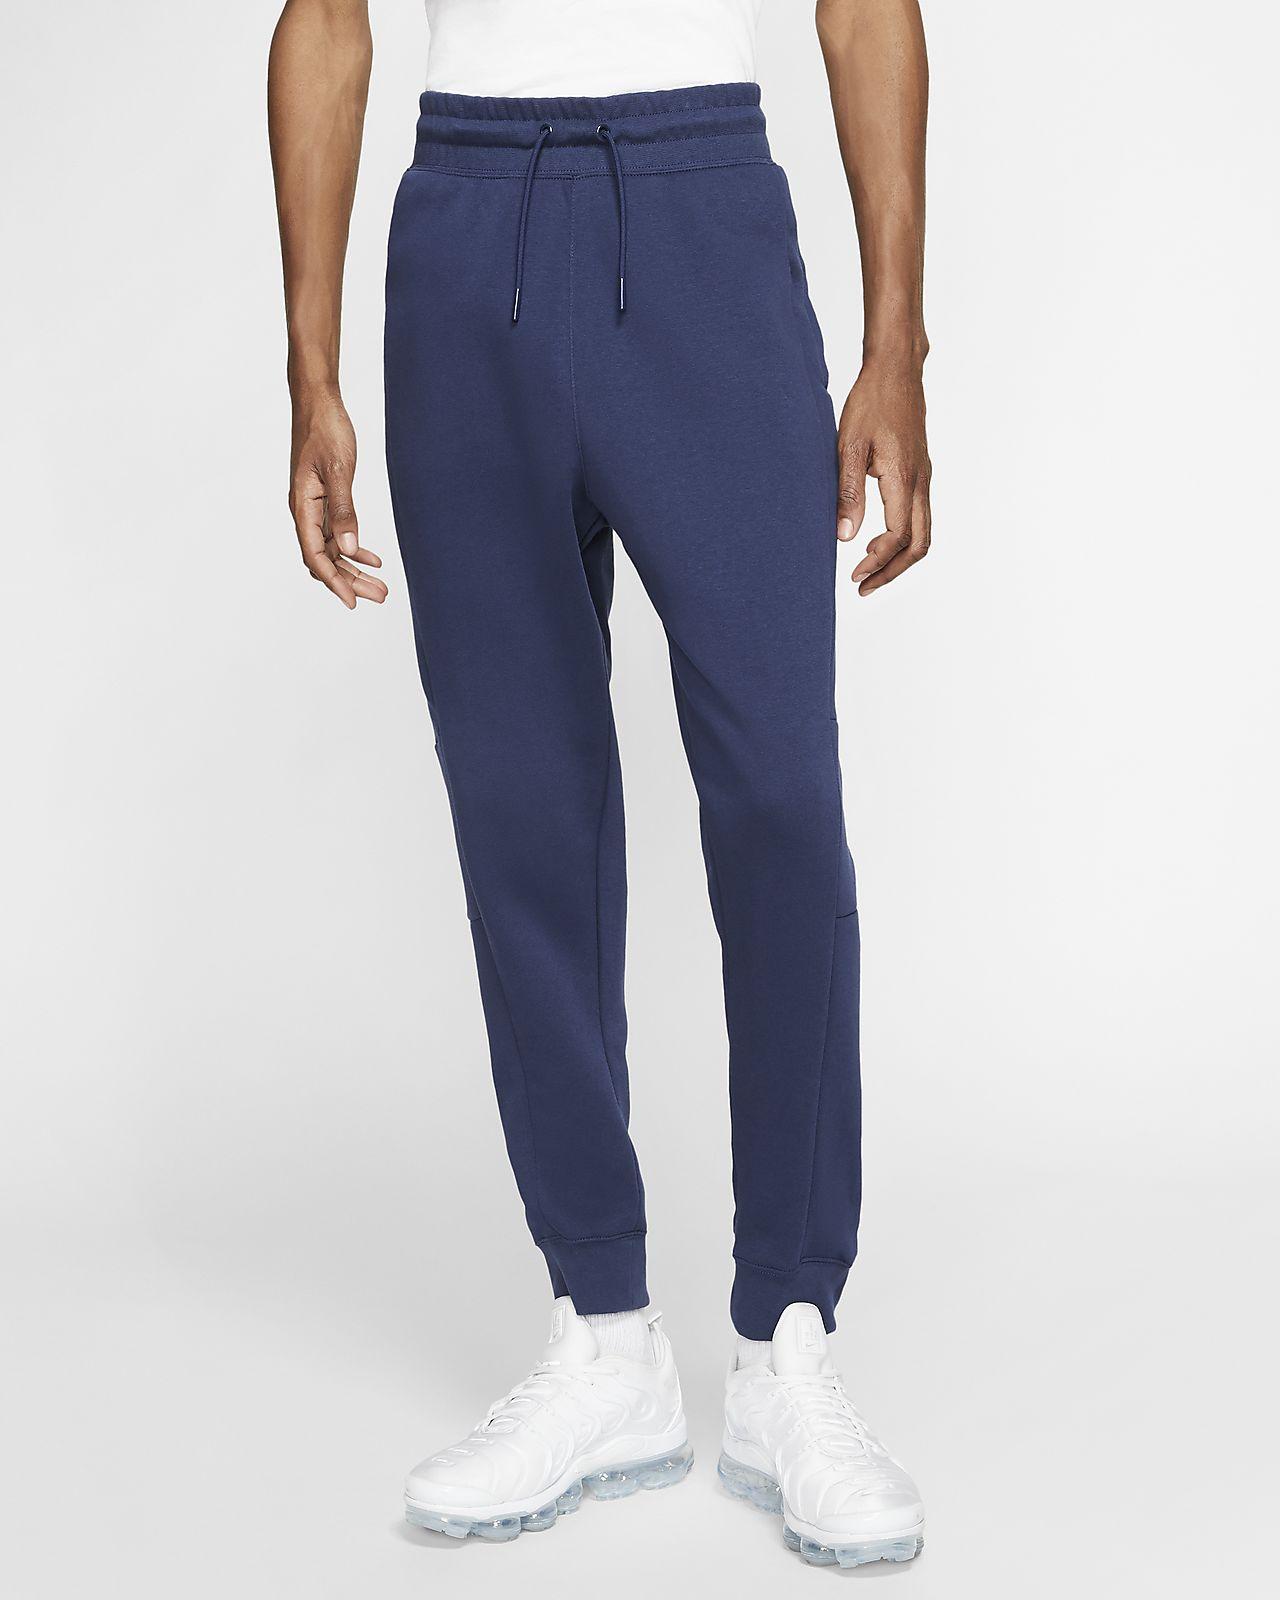 Nike Air Pantalón de tejido Fleece Hombre